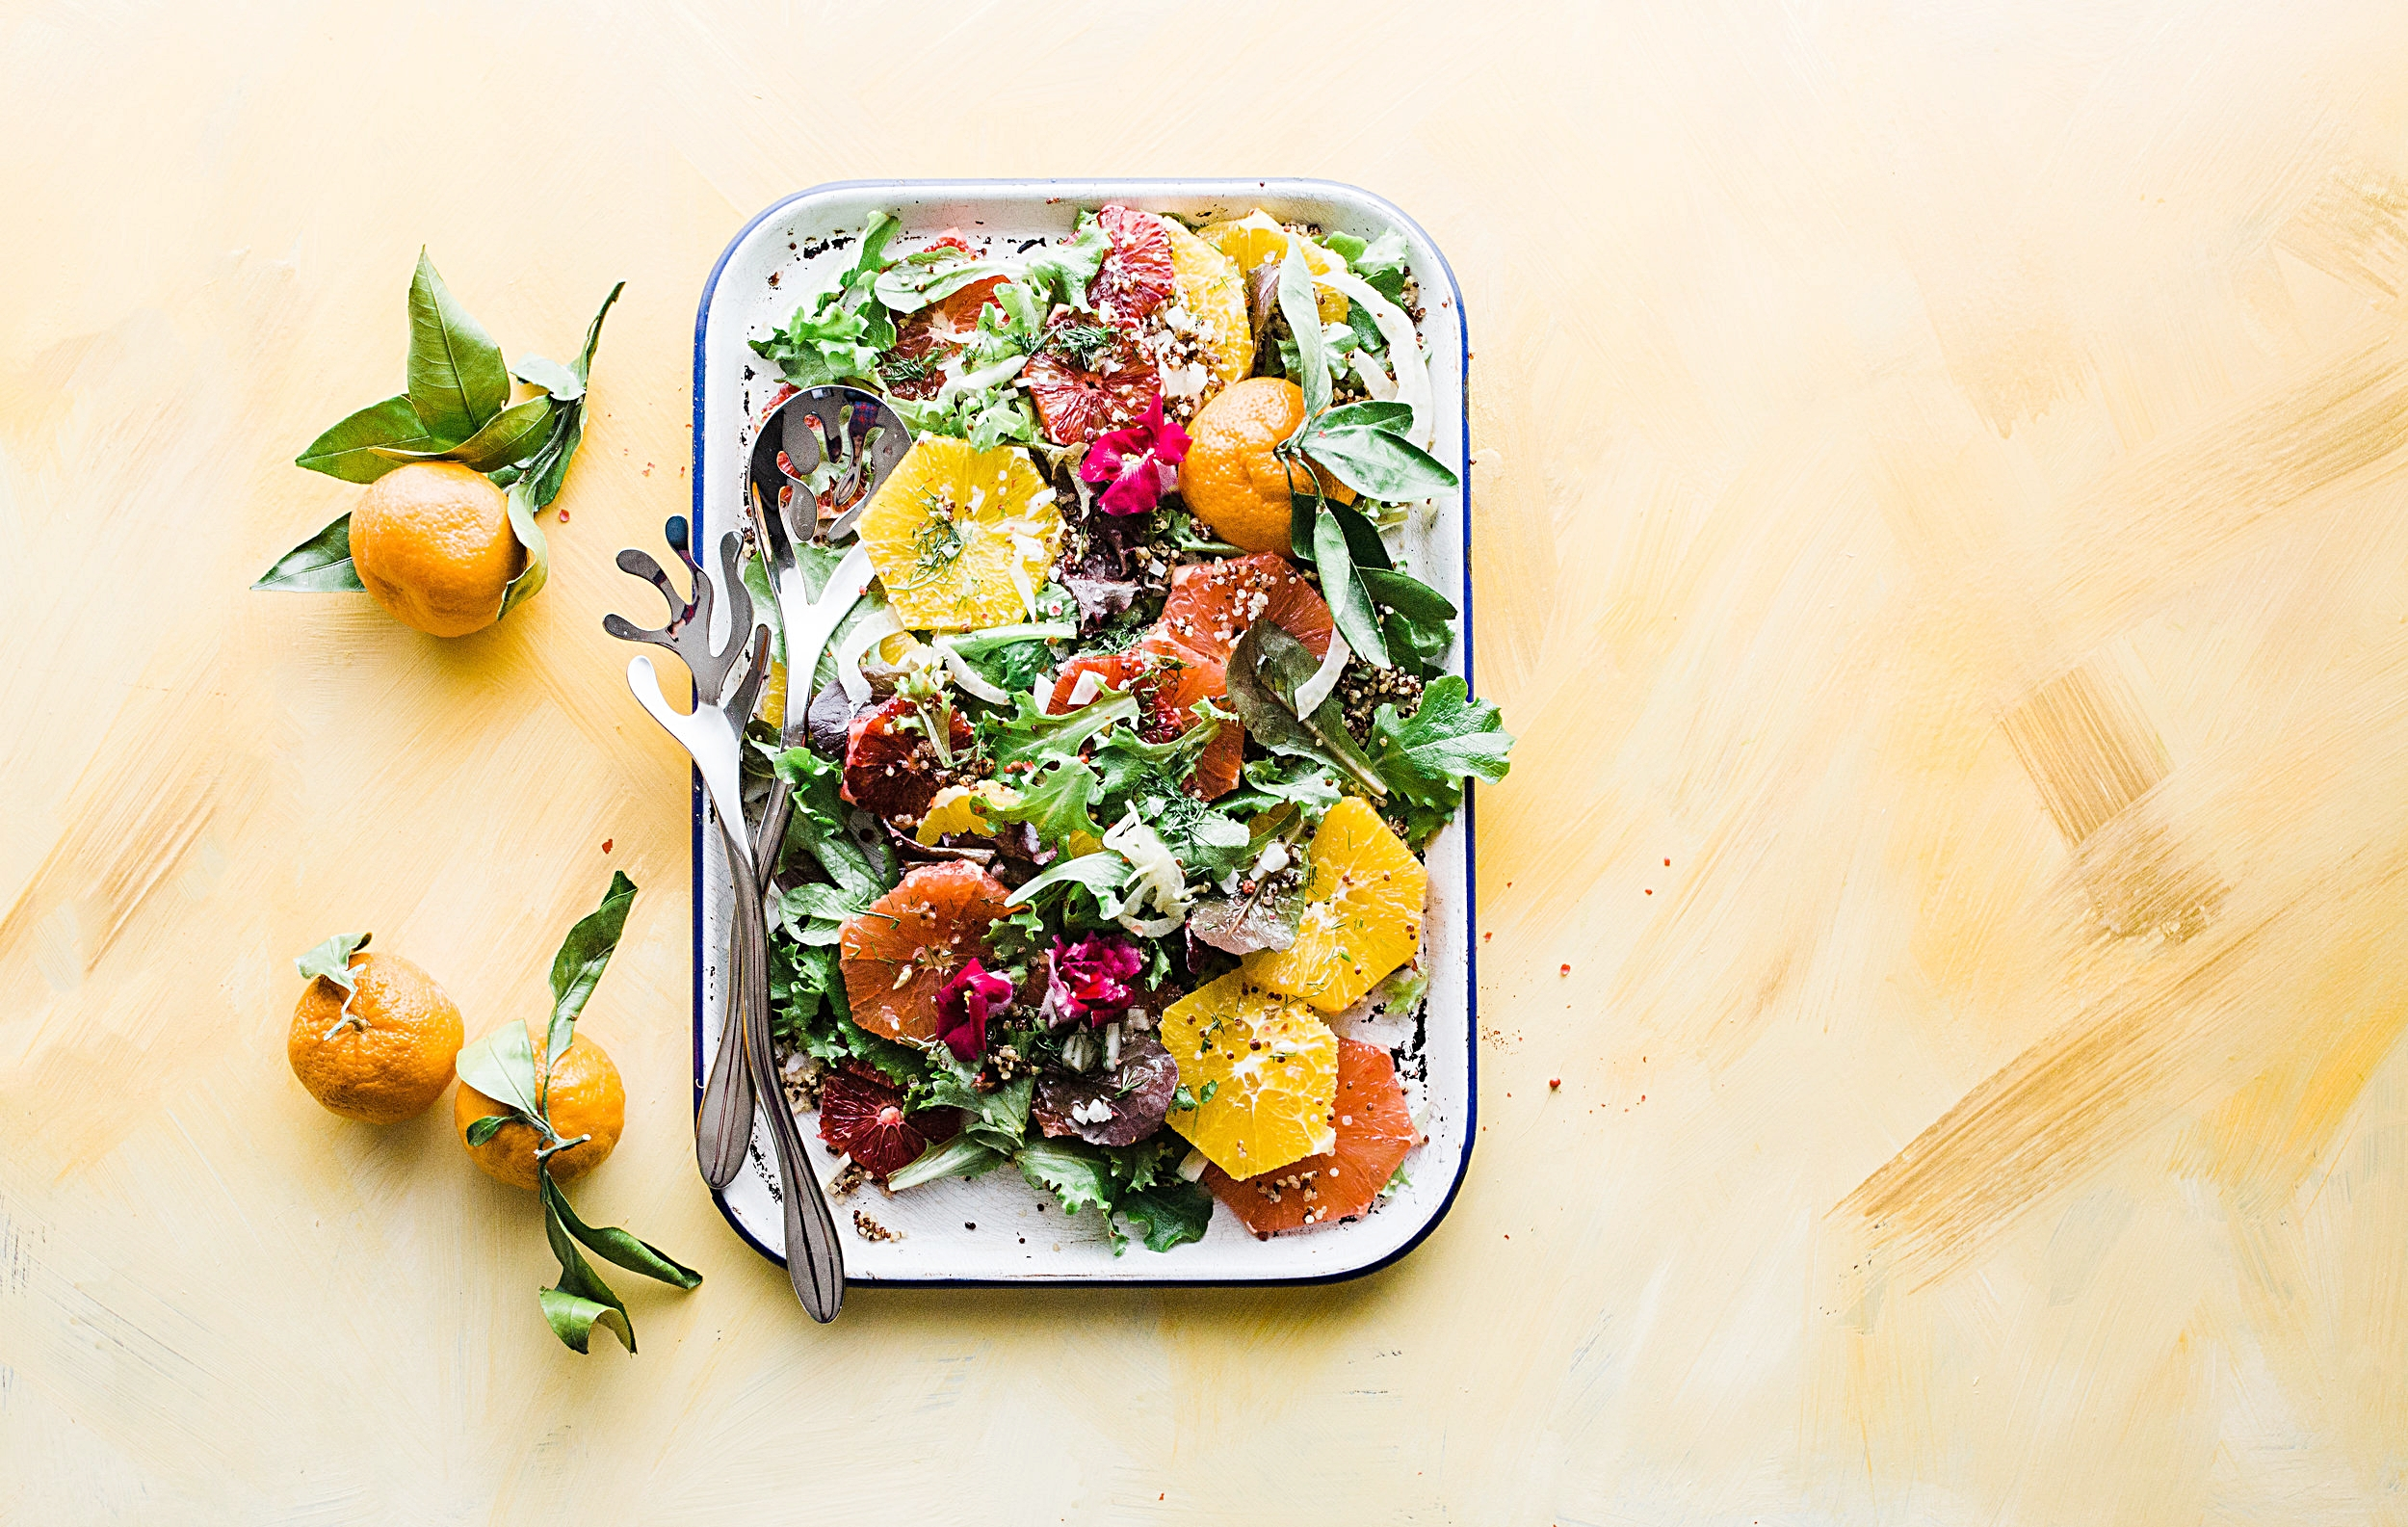 Sunshine Quinoa Citrus Salad (Vegan, Vegetarian, Splendid)